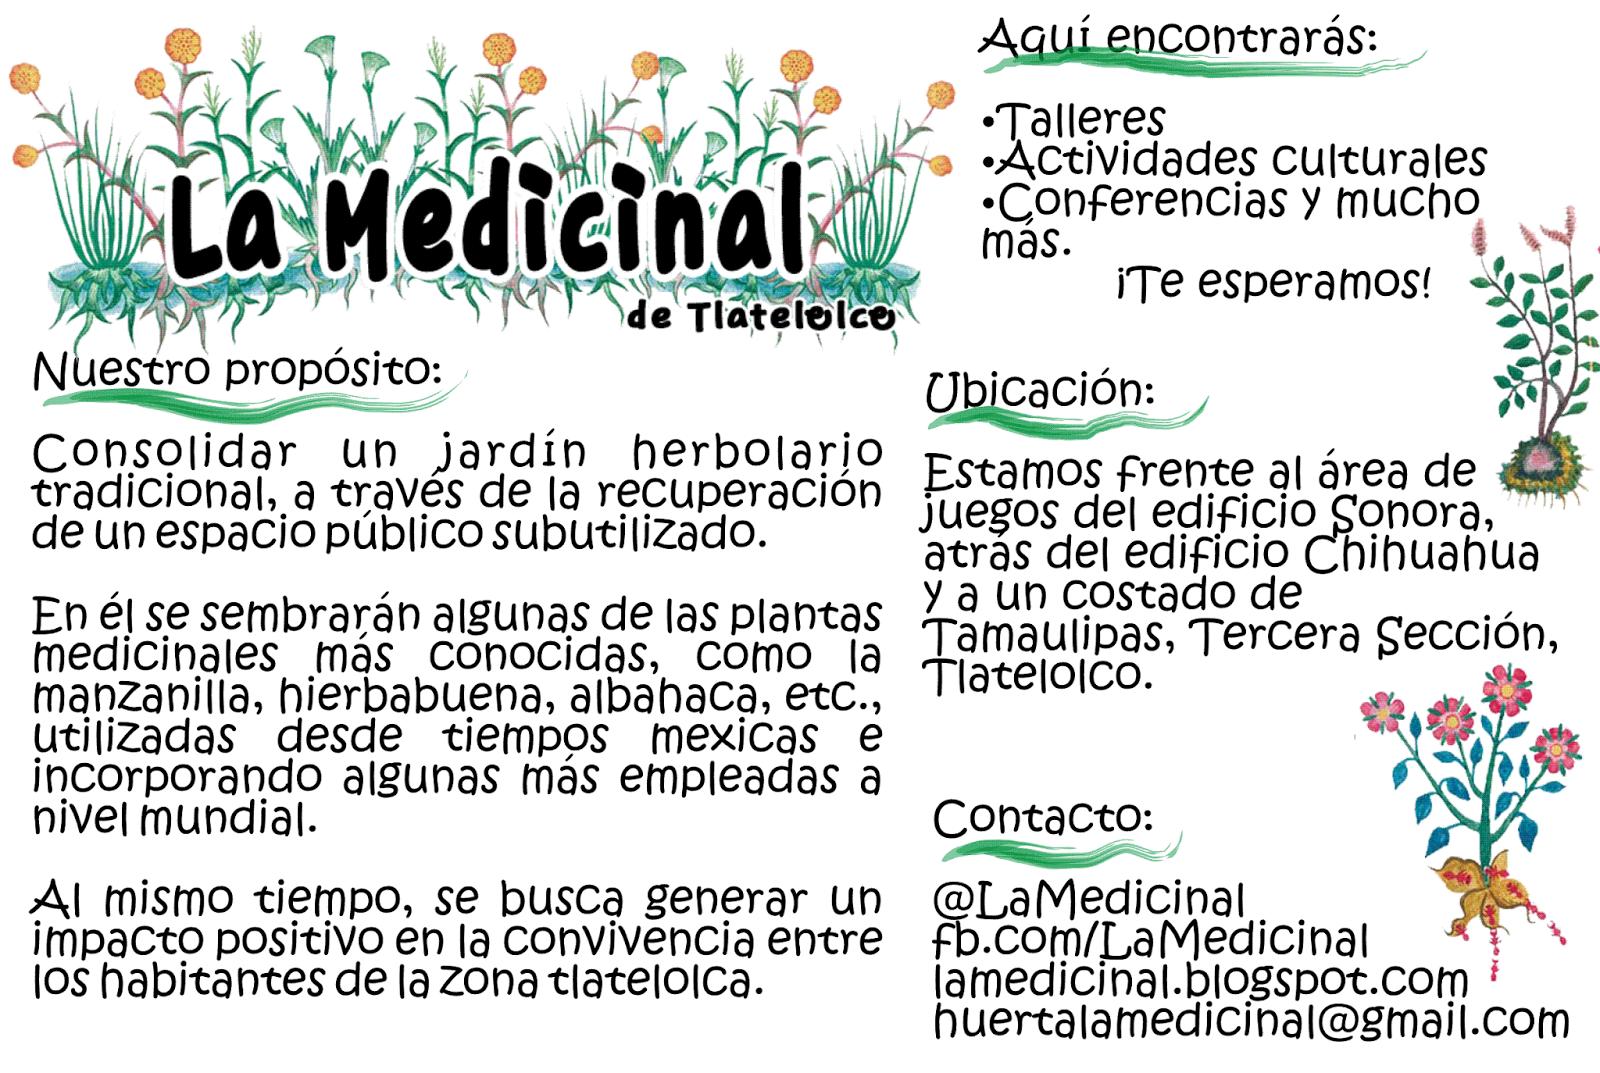 Nuestro propósito | La Medicinal